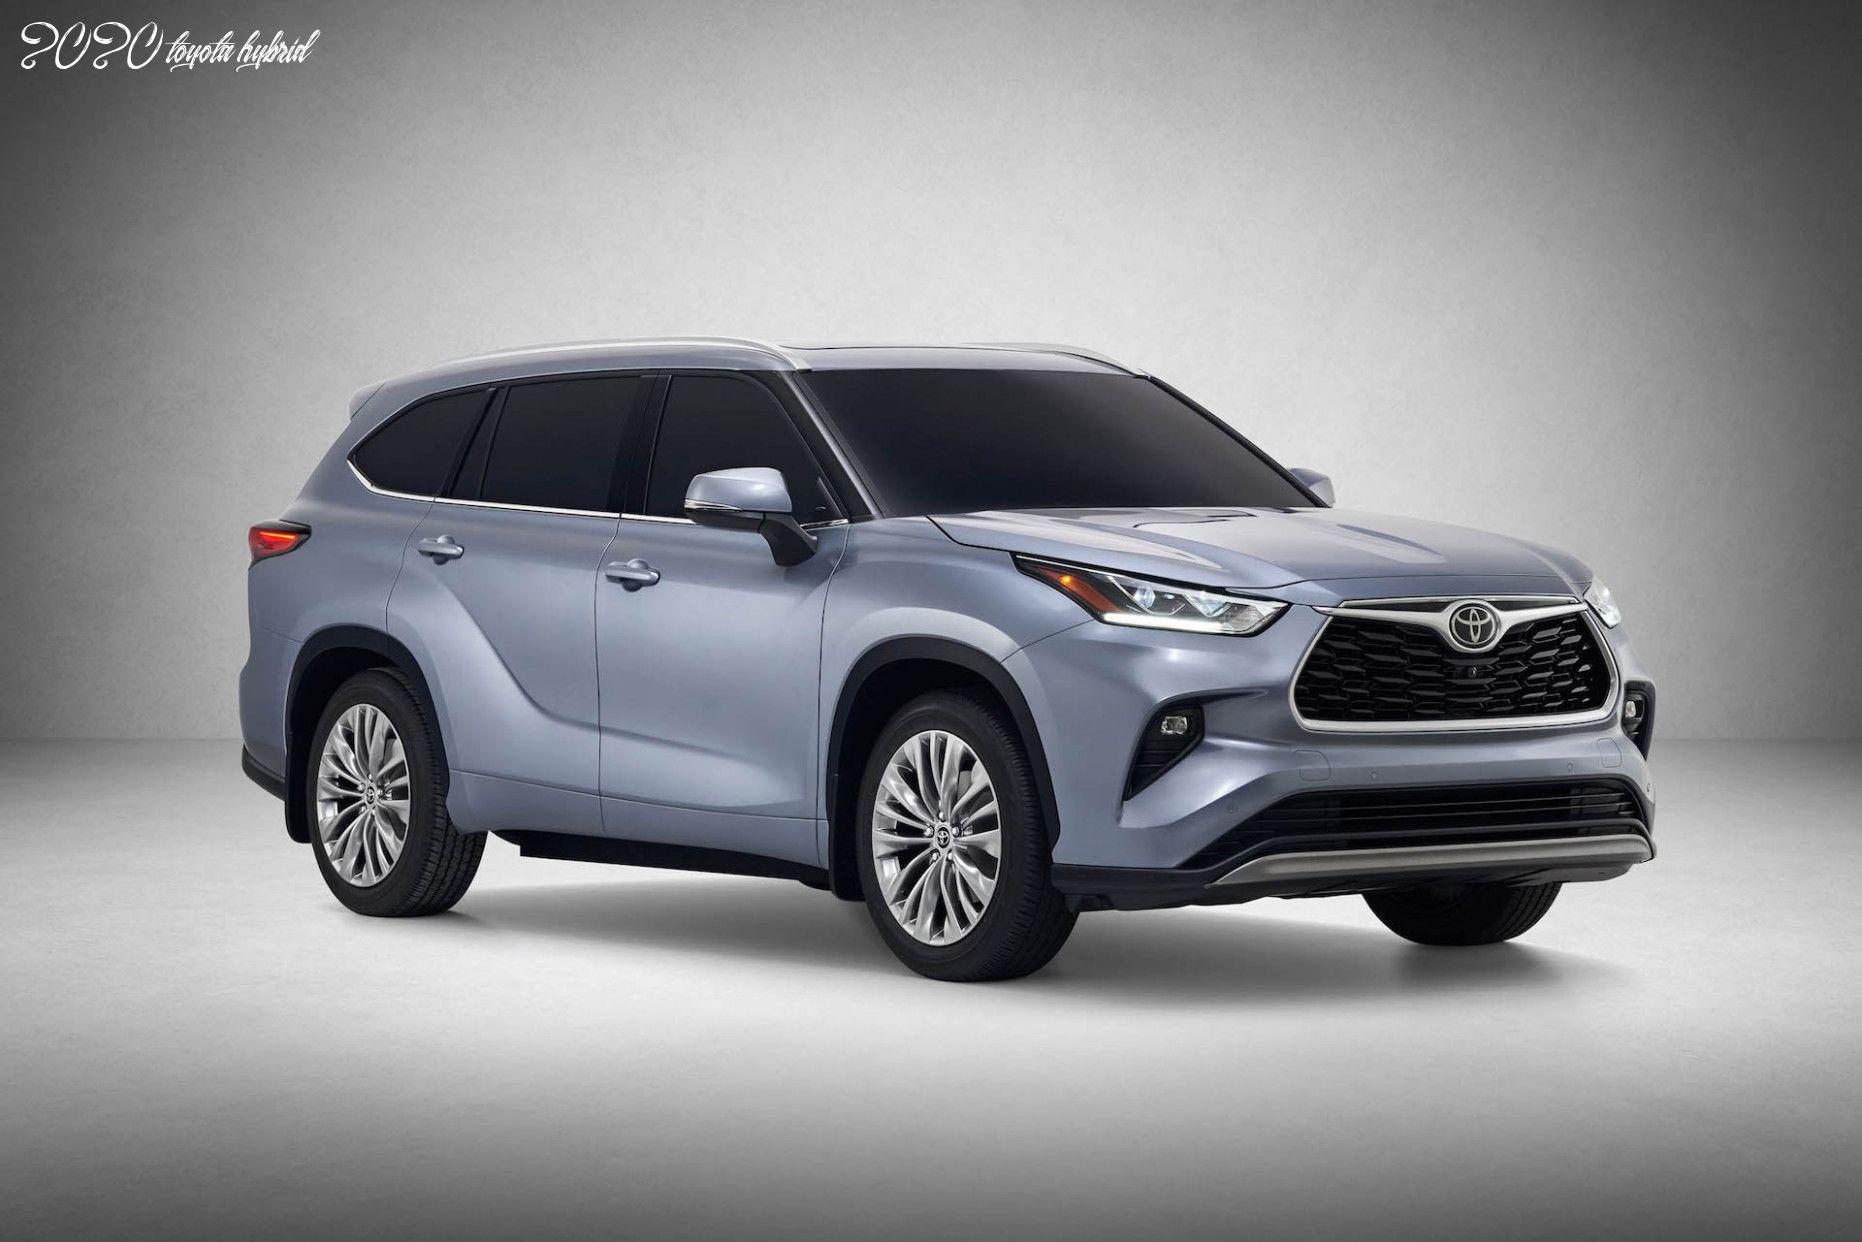 2020 Toyota Hybrid In 2020 Toyota Highlander Hybrid Toyota Suv Toyota Highlander